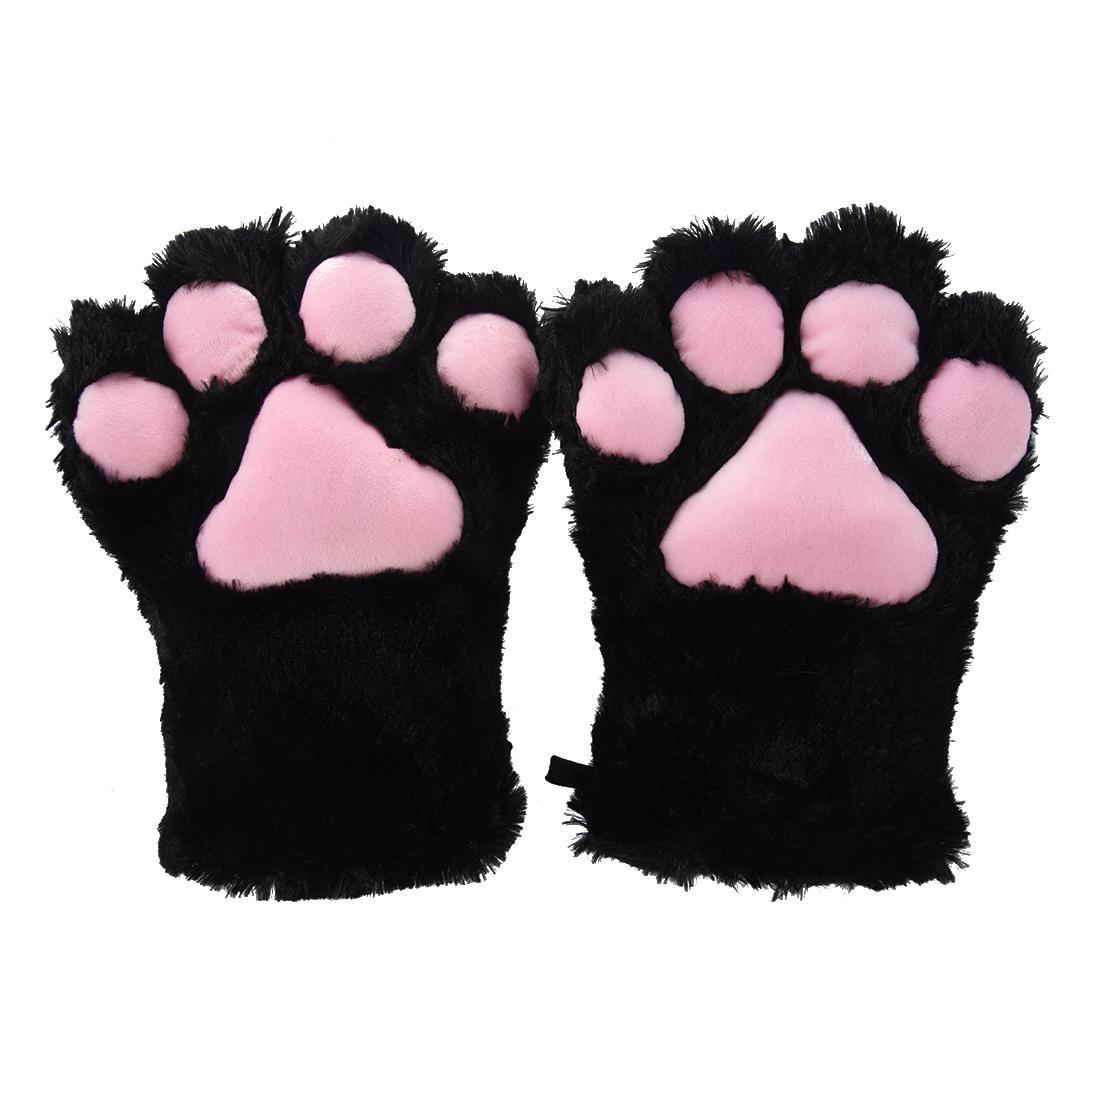 2 Parça Siyah Kedi Ayak Paw Peluş Eldiven + Kedi Kulaklar Saç Klipler Saç Pins Parti Cosplay C19021601